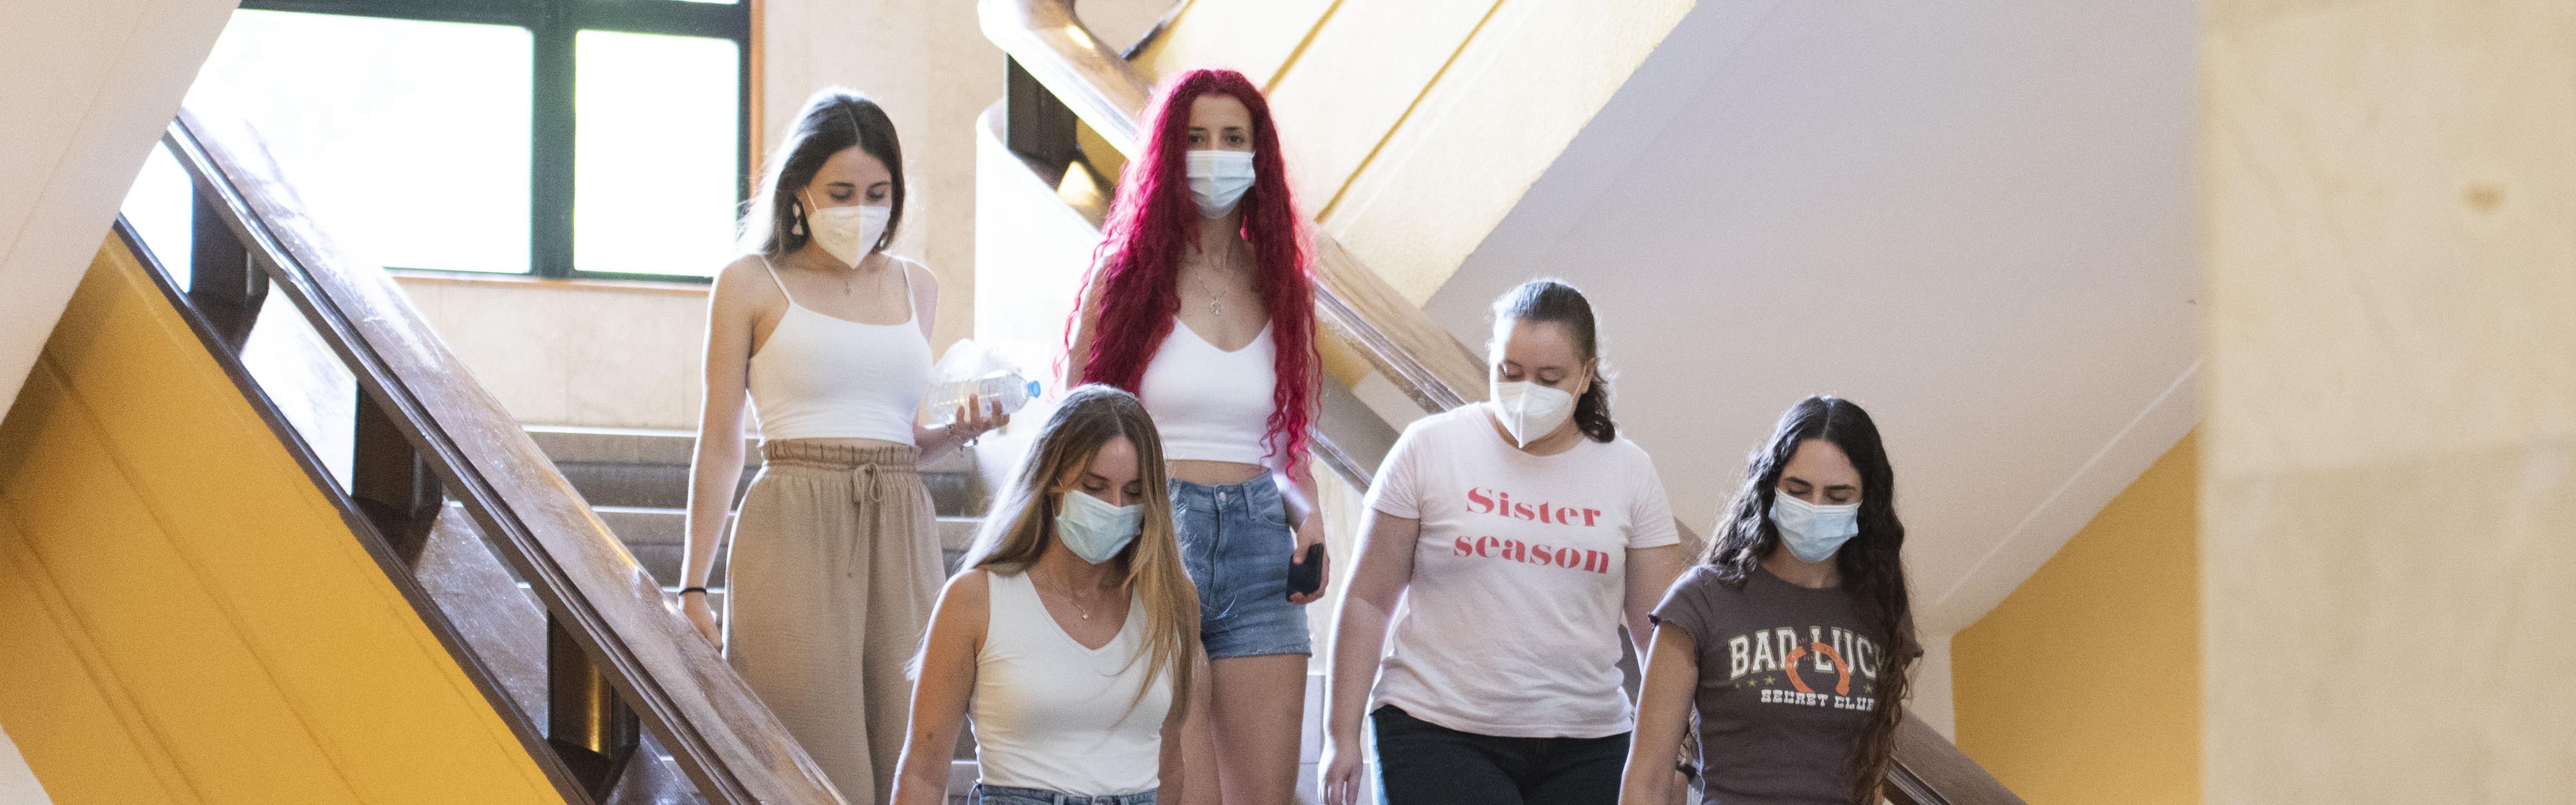 Las mujeres ya son el 62,9 por ciento del alumnado de la Universidad de Murcia en los estudios de grado